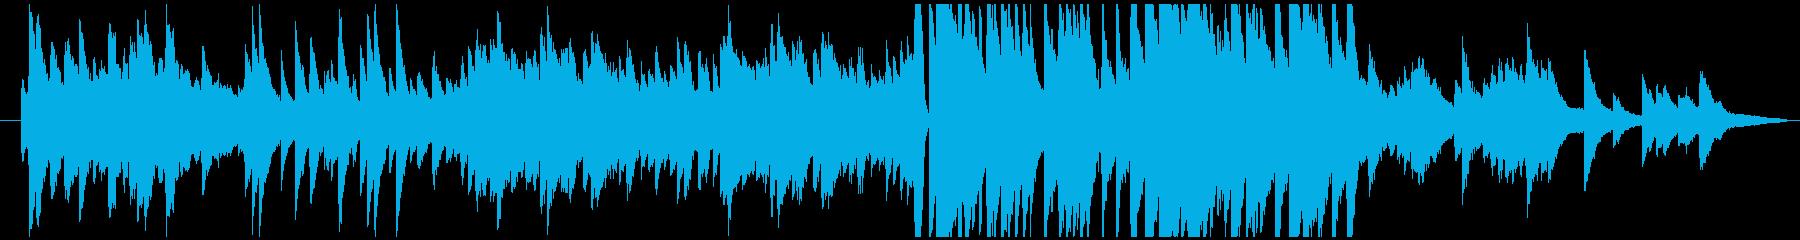 ピアノメインの温かな感動系BGMの再生済みの波形